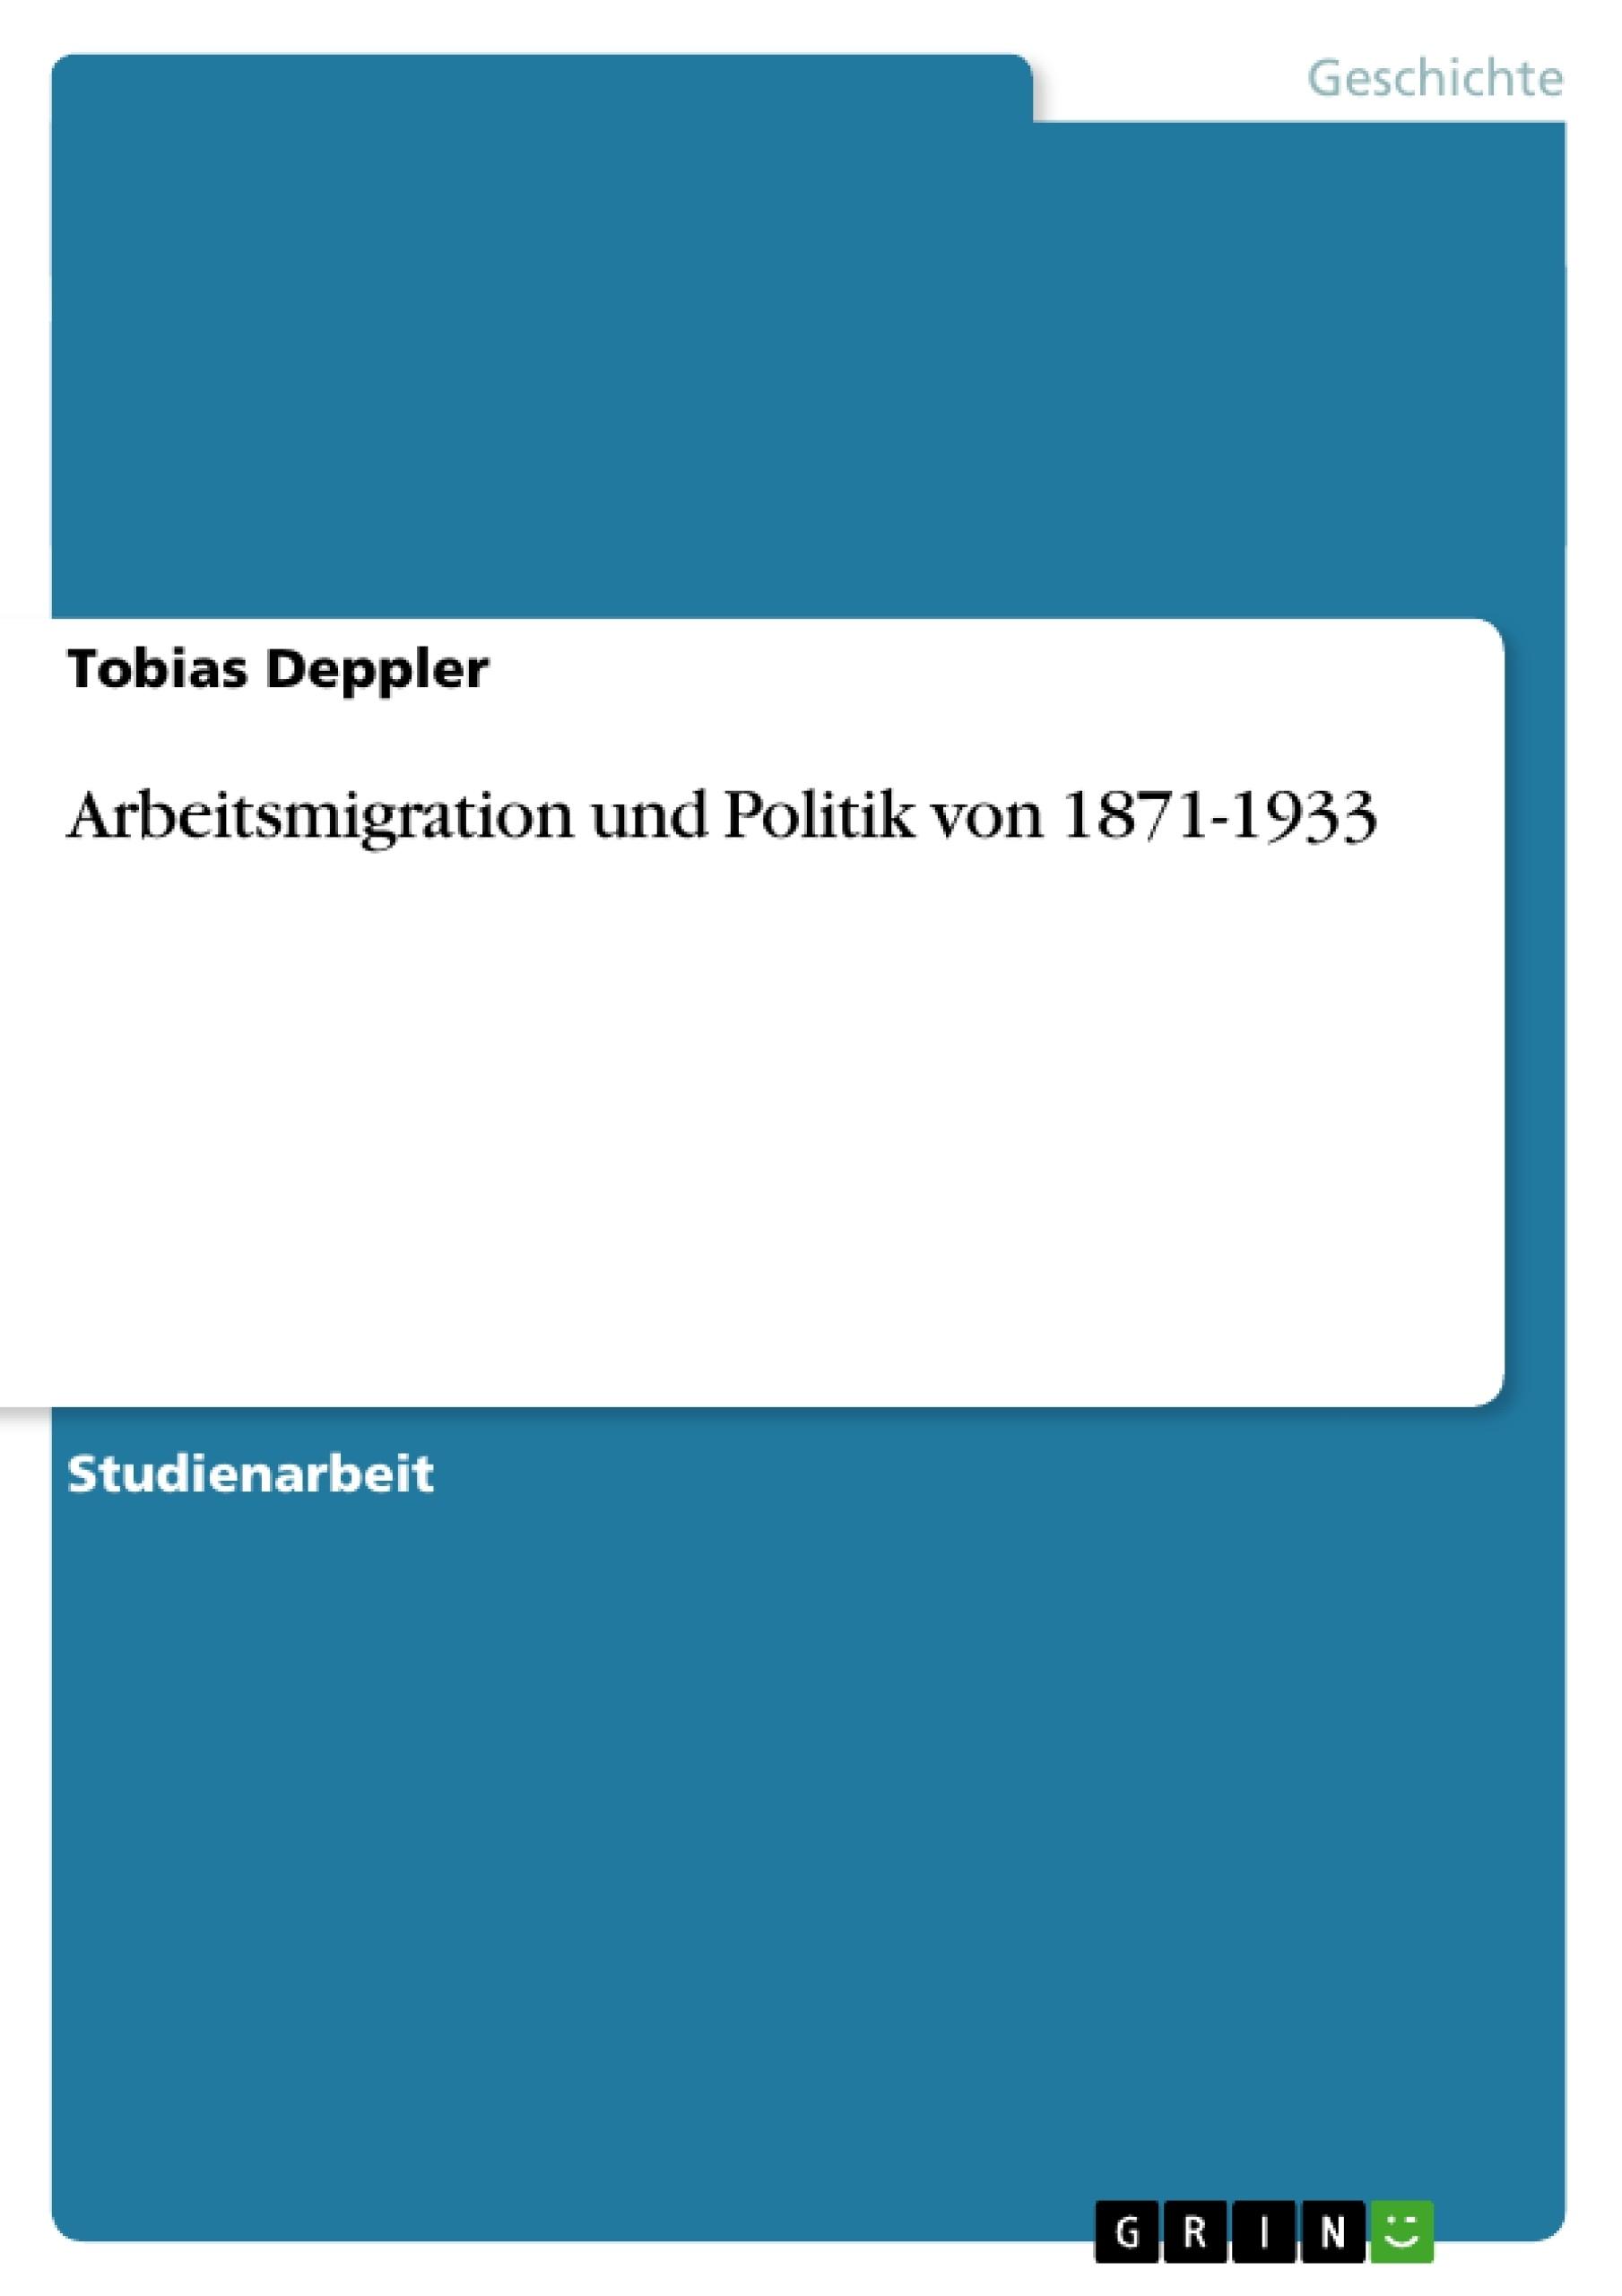 Titel: Arbeitsmigration und Politik von 1871-1933